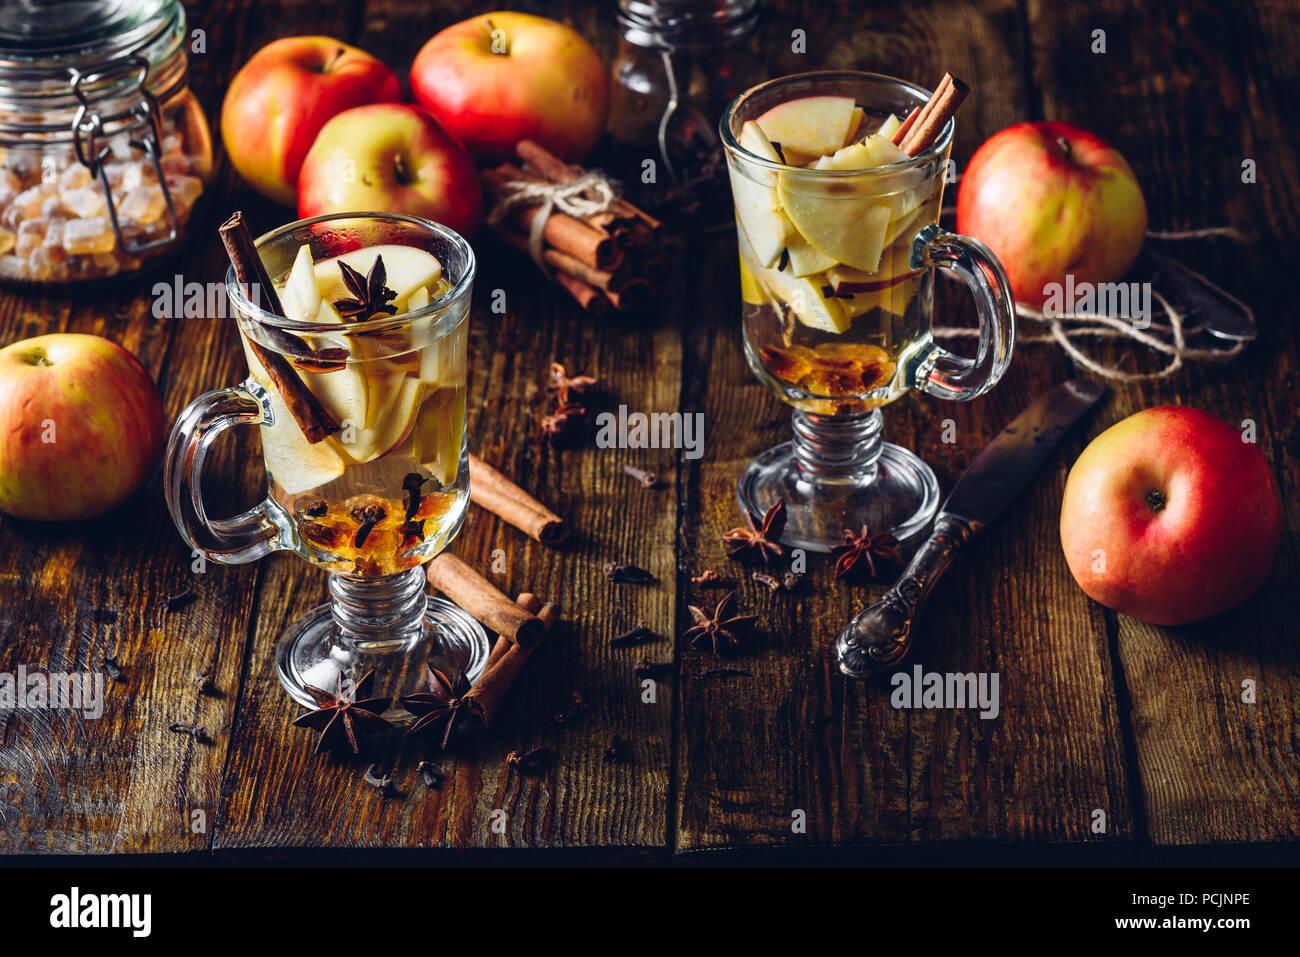 Verres de boisson épicée Apple avec girofle, cannelle, l'étoile d'anis et de sucre candy. Tous les ingrédients et quelques ustensiles de cuisine sur table en bois. Vertic Photo Stock